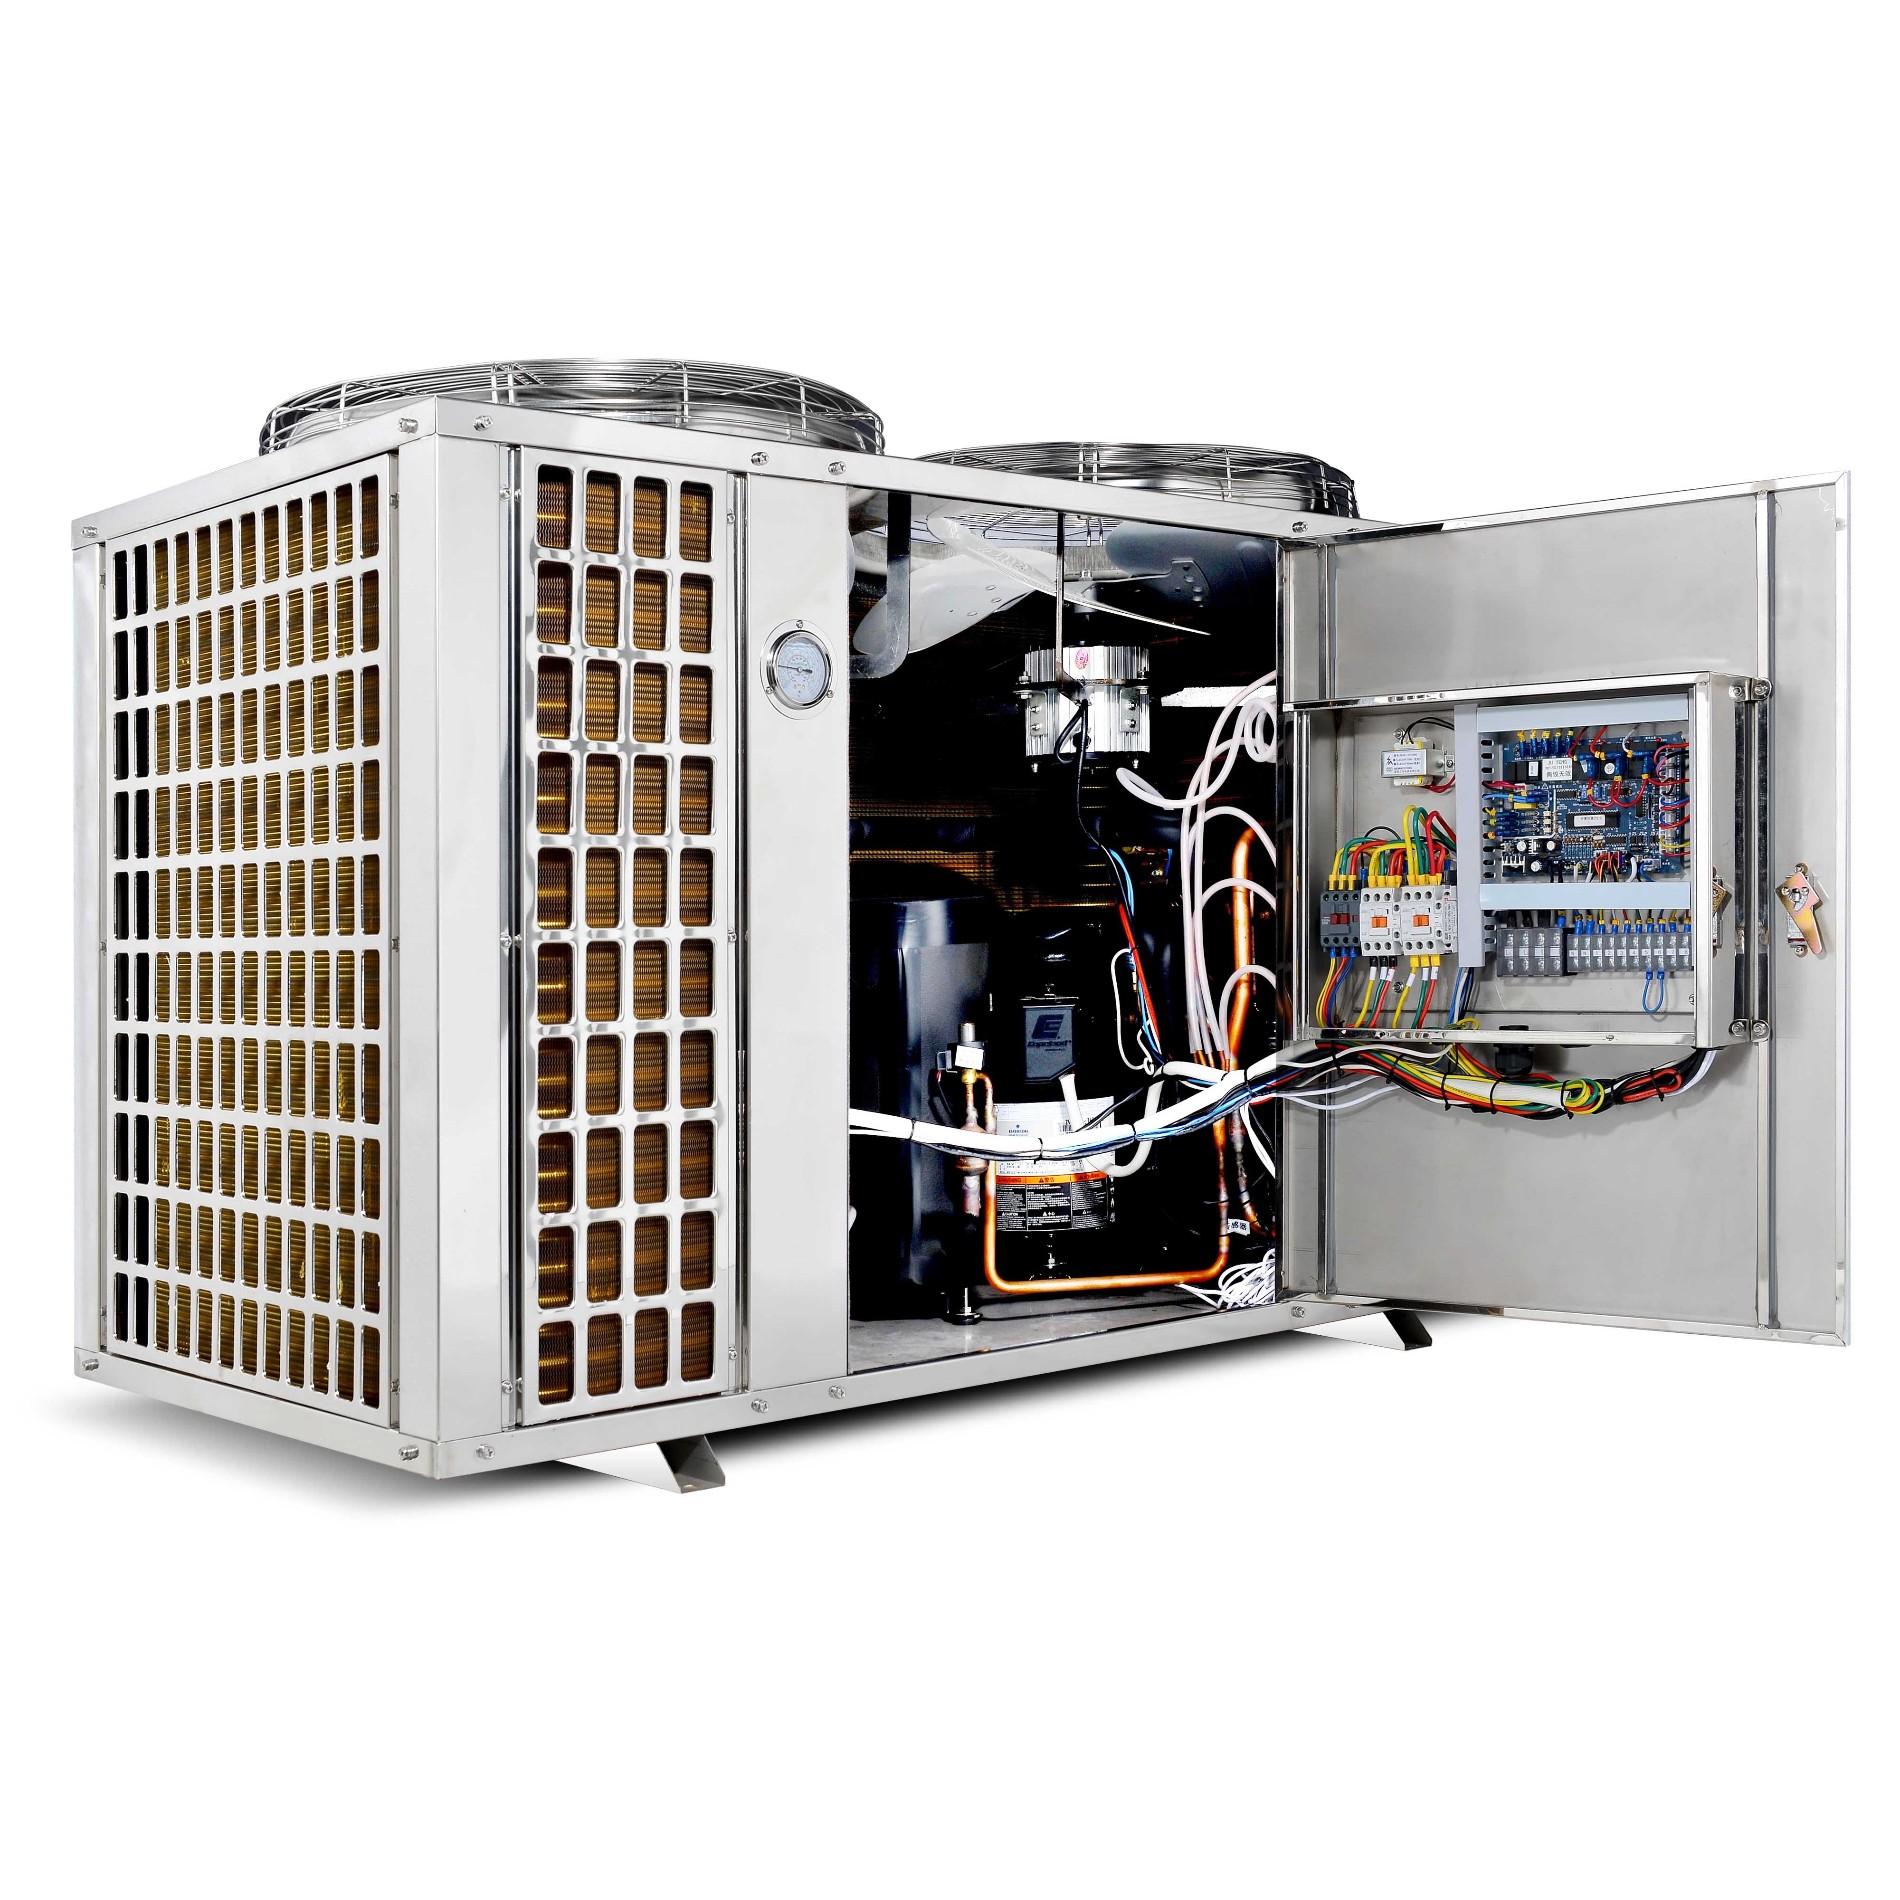 Riscaldamento A Pavimento E Raffreddamento pompa di calore per riscaldamento e raffreddamento piscina